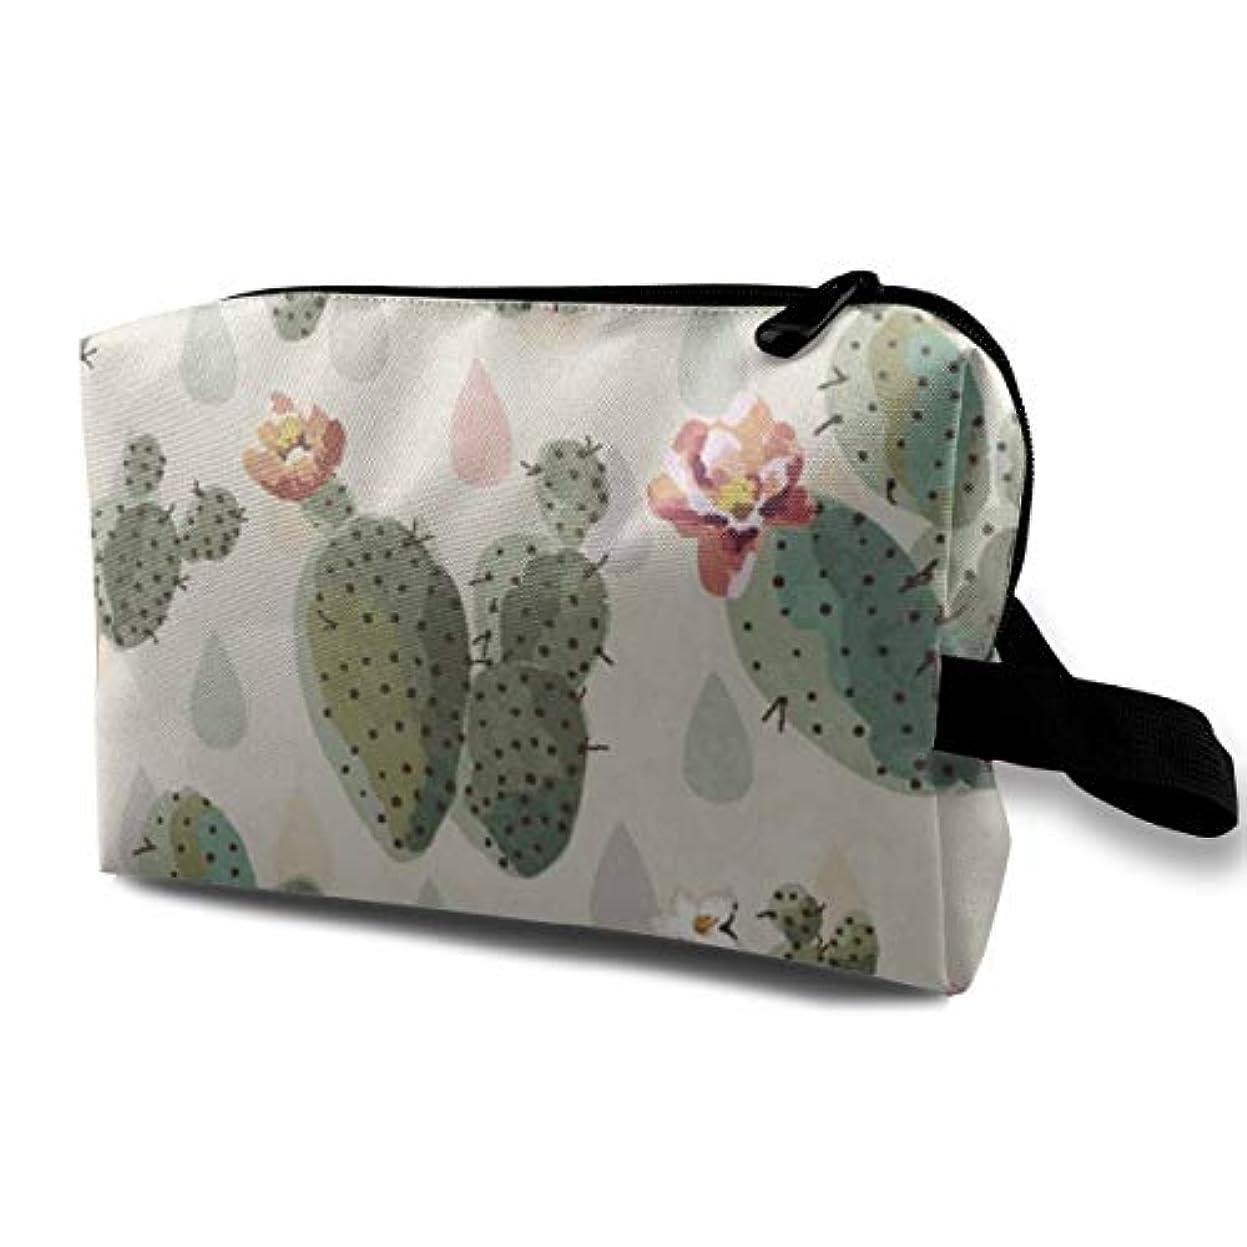 ライバル悪質な提供Prickly Pattern Cactus Flowers 収納ポーチ 化粧ポーチ 大容量 軽量 耐久性 ハンドル付持ち運び便利。入れ 自宅?出張?旅行?アウトドア撮影などに対応。メンズ レディース トラベルグッズ